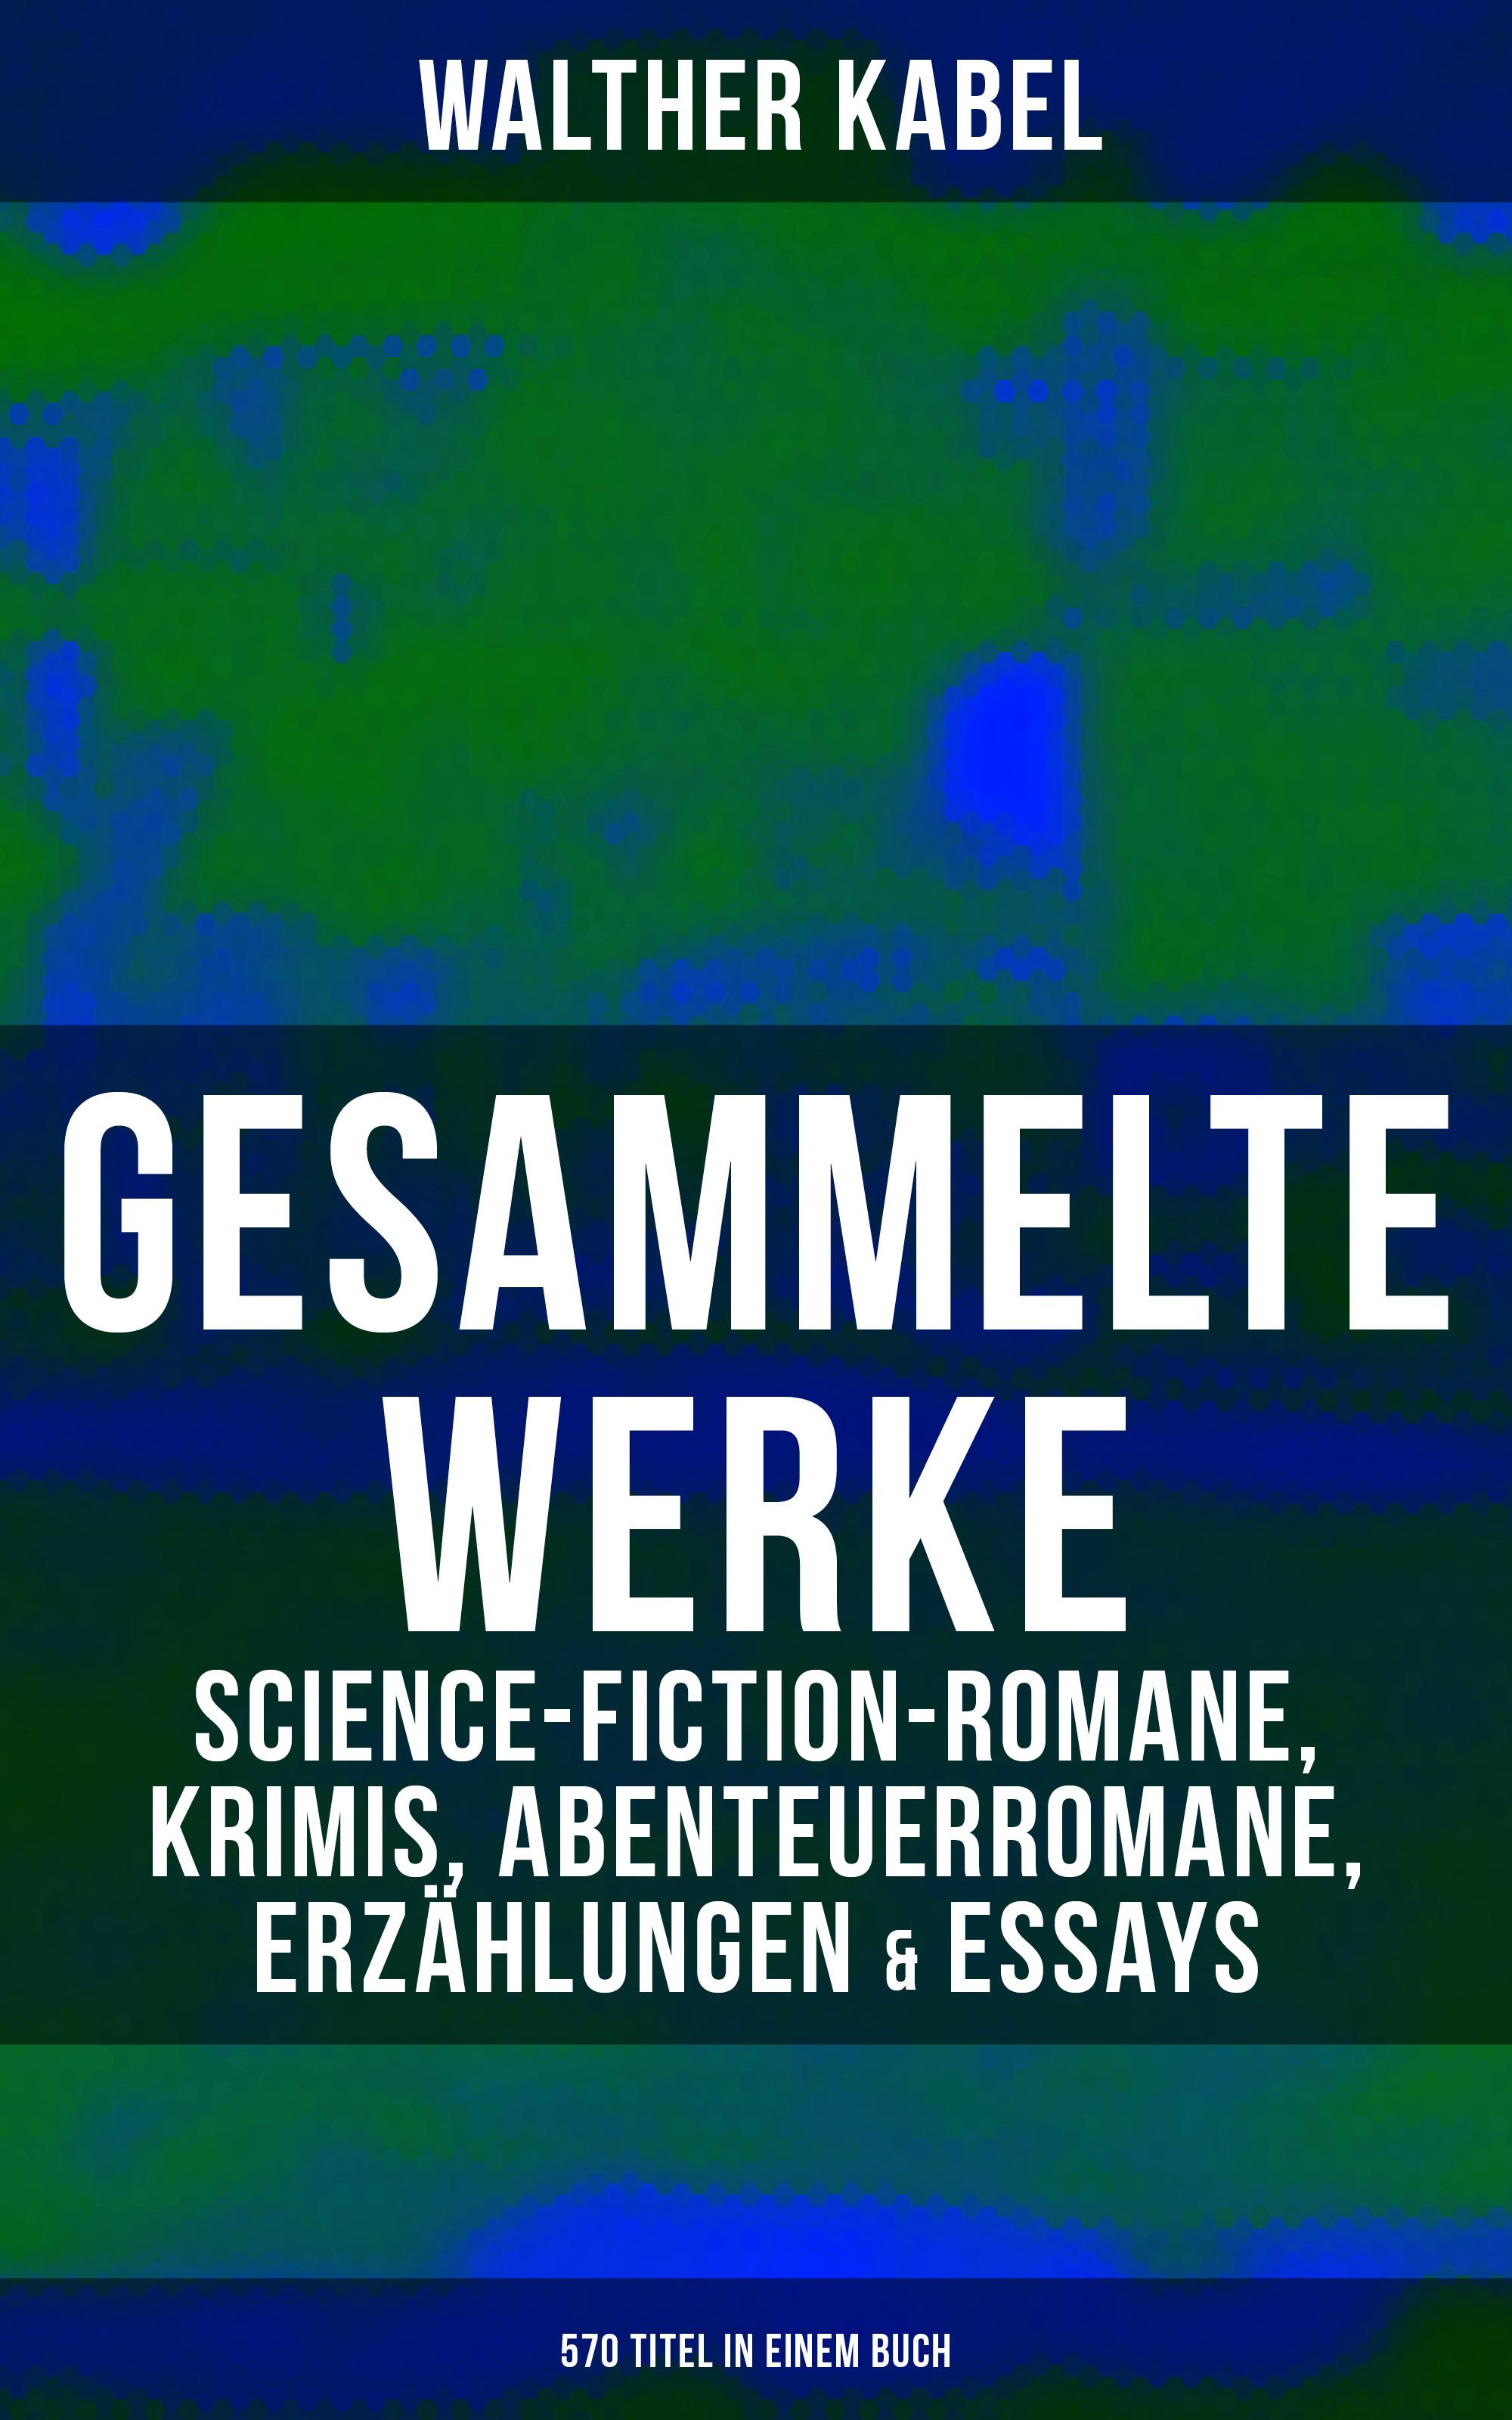 Walther Kabel Gesammelte Werke: Science-Fiction-Romane, Krimis, Abenteuerromane, Erzählungen & Essays (570 Titel in einem Buch) стоимость